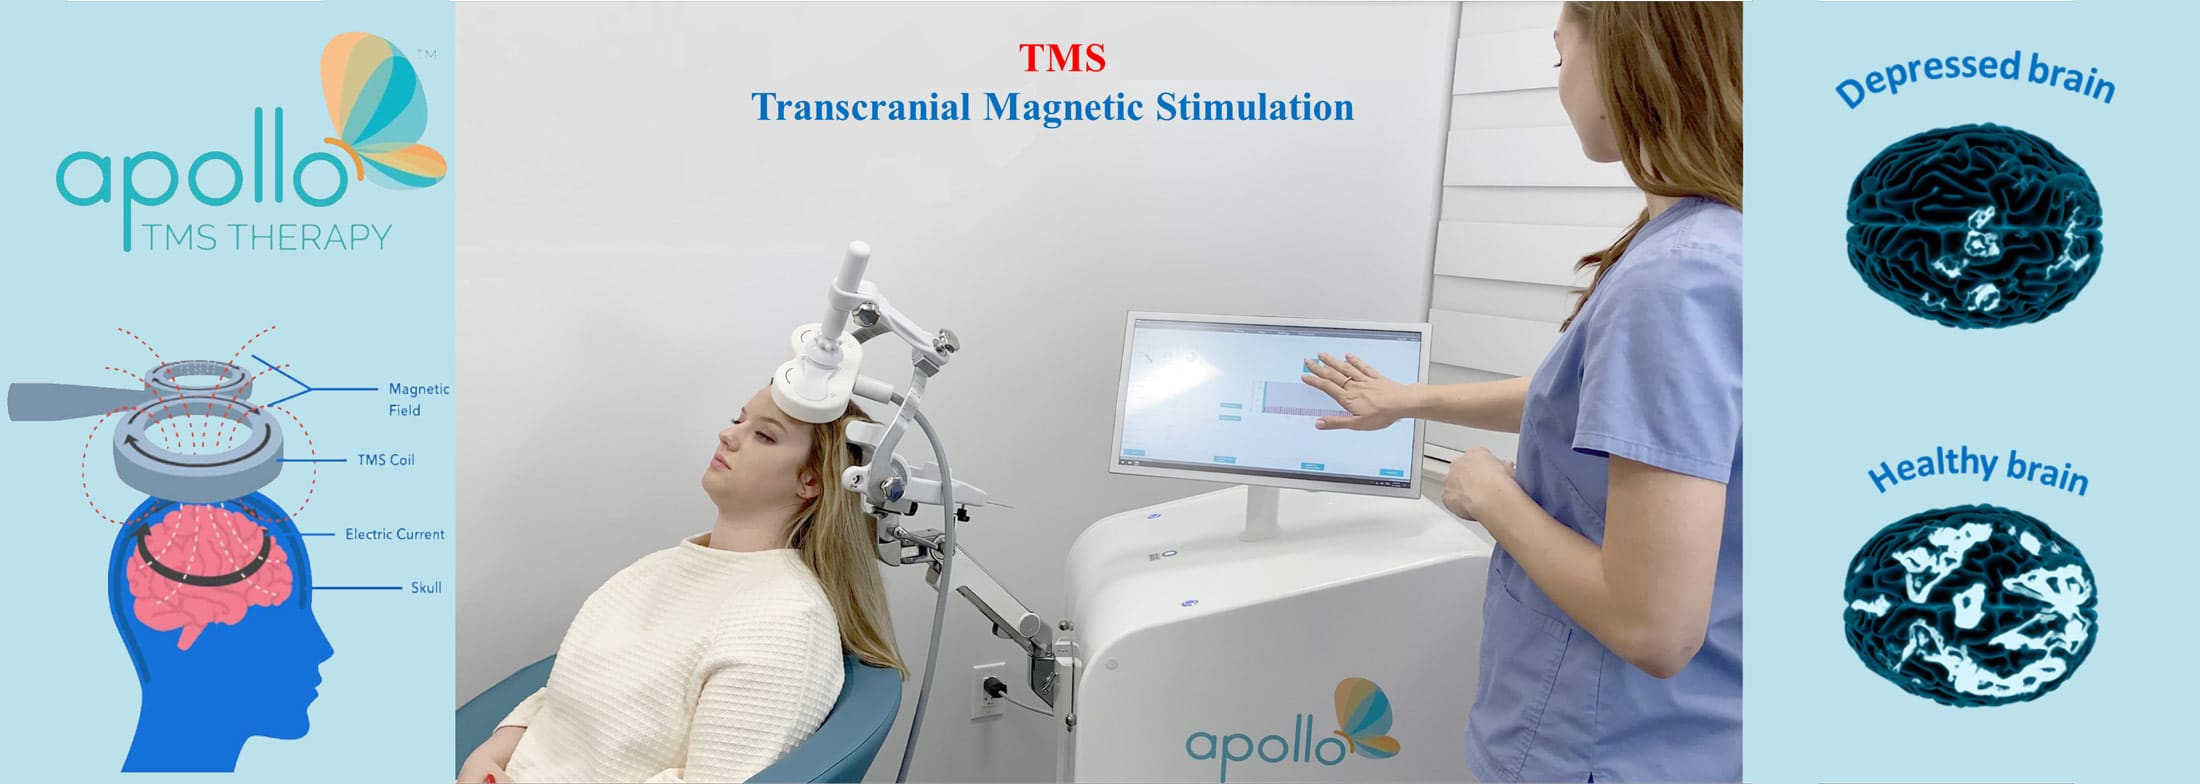 Apollo TMS Demo